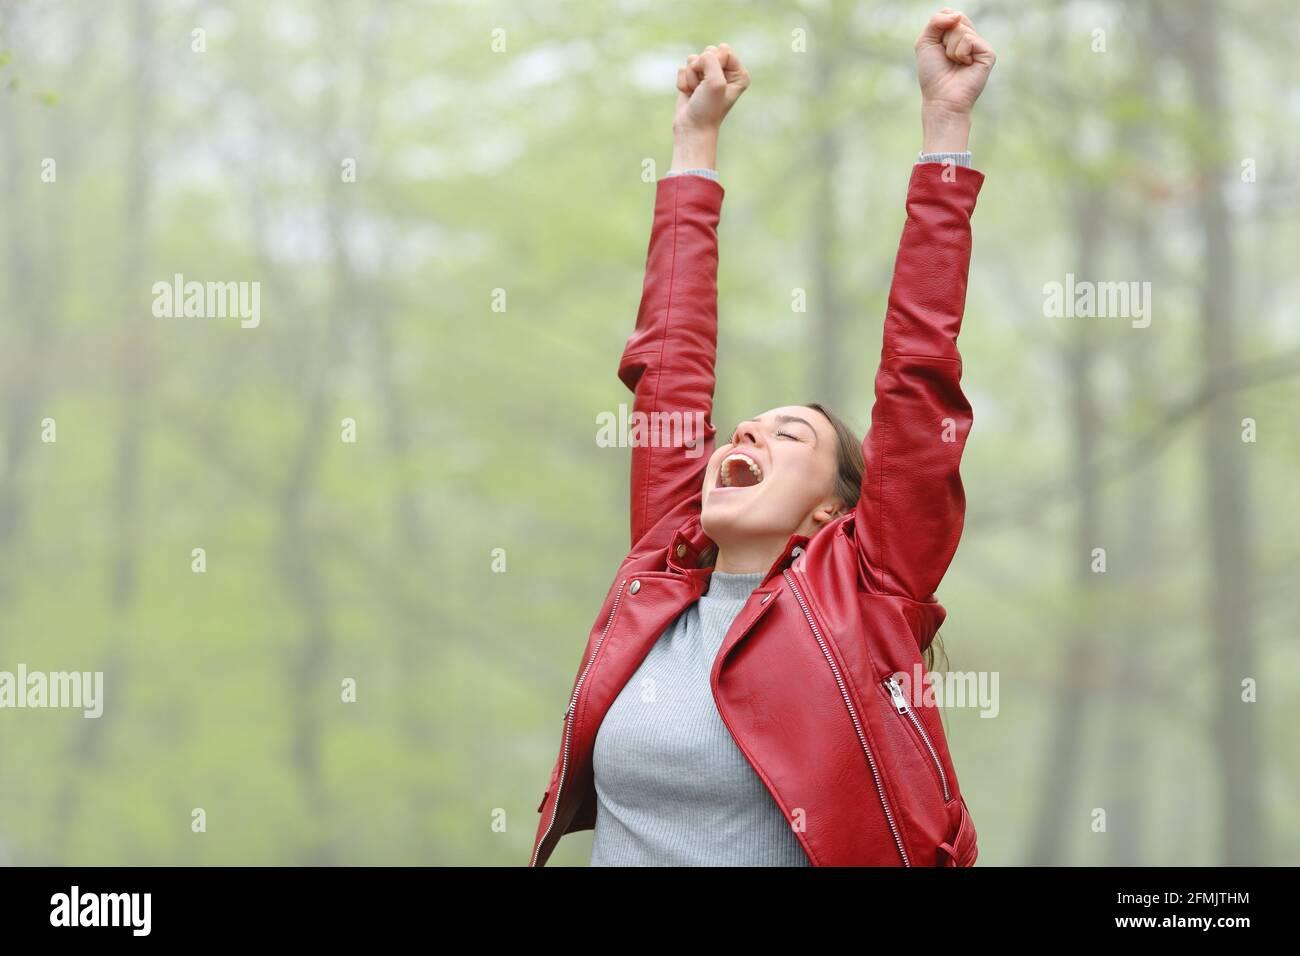 Femme en rouge excitée de lever des armes criant dans une forêt Banque D'Images